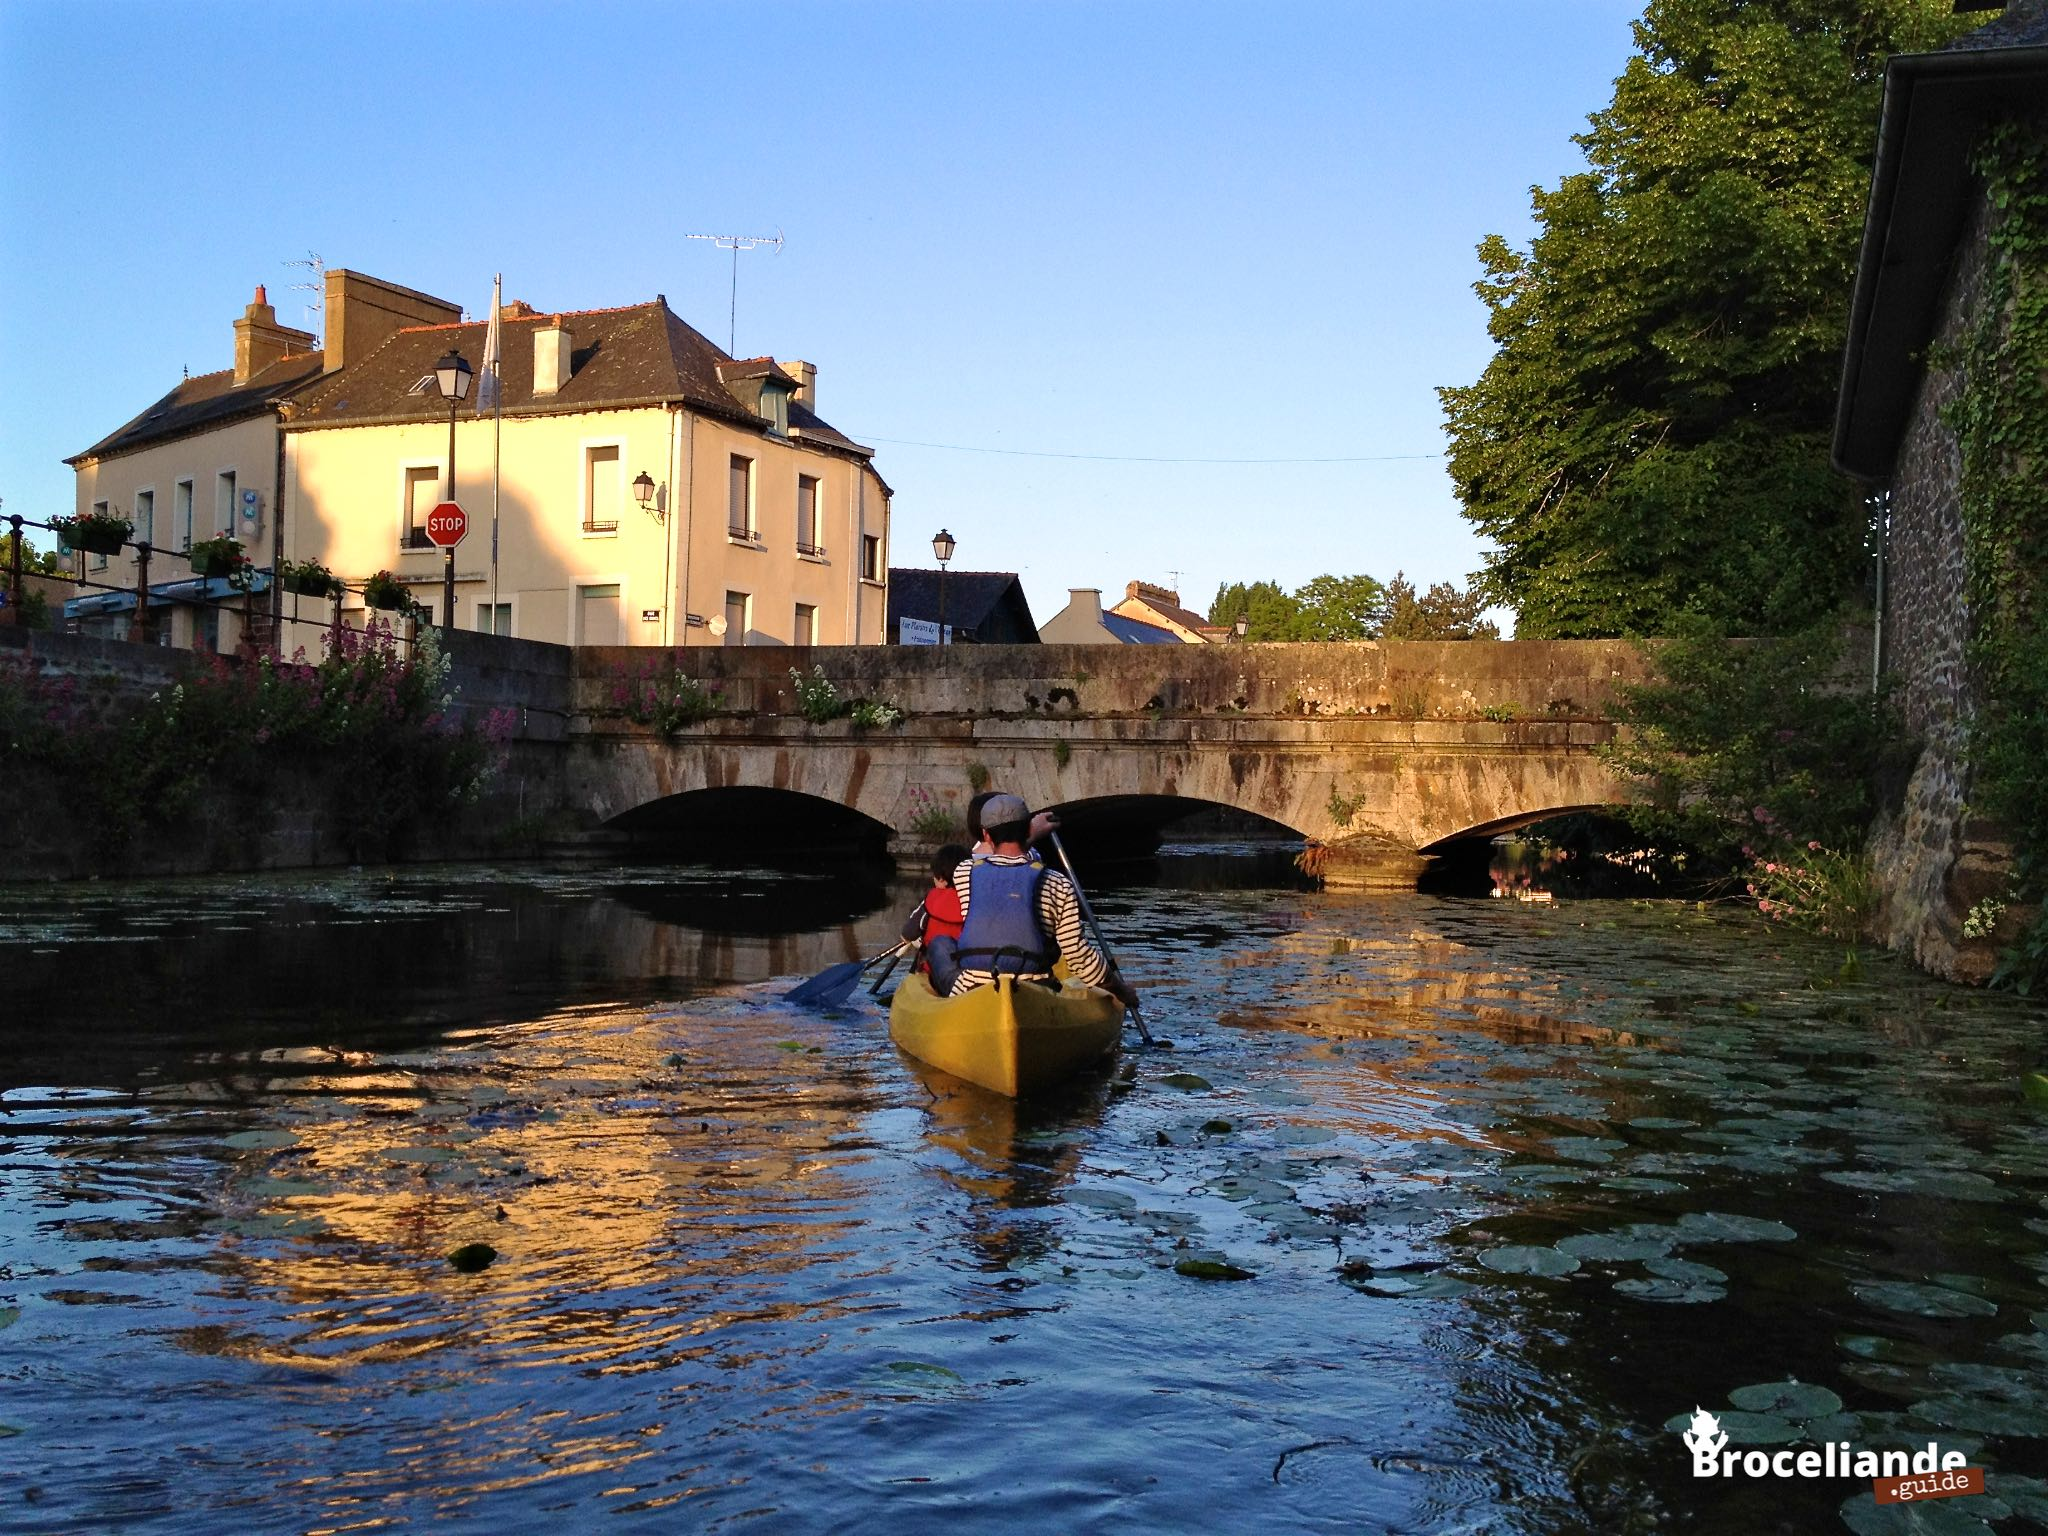 Montfort sur meu en cano kayak broc liande en bretagne for Architecte montfort sur meu